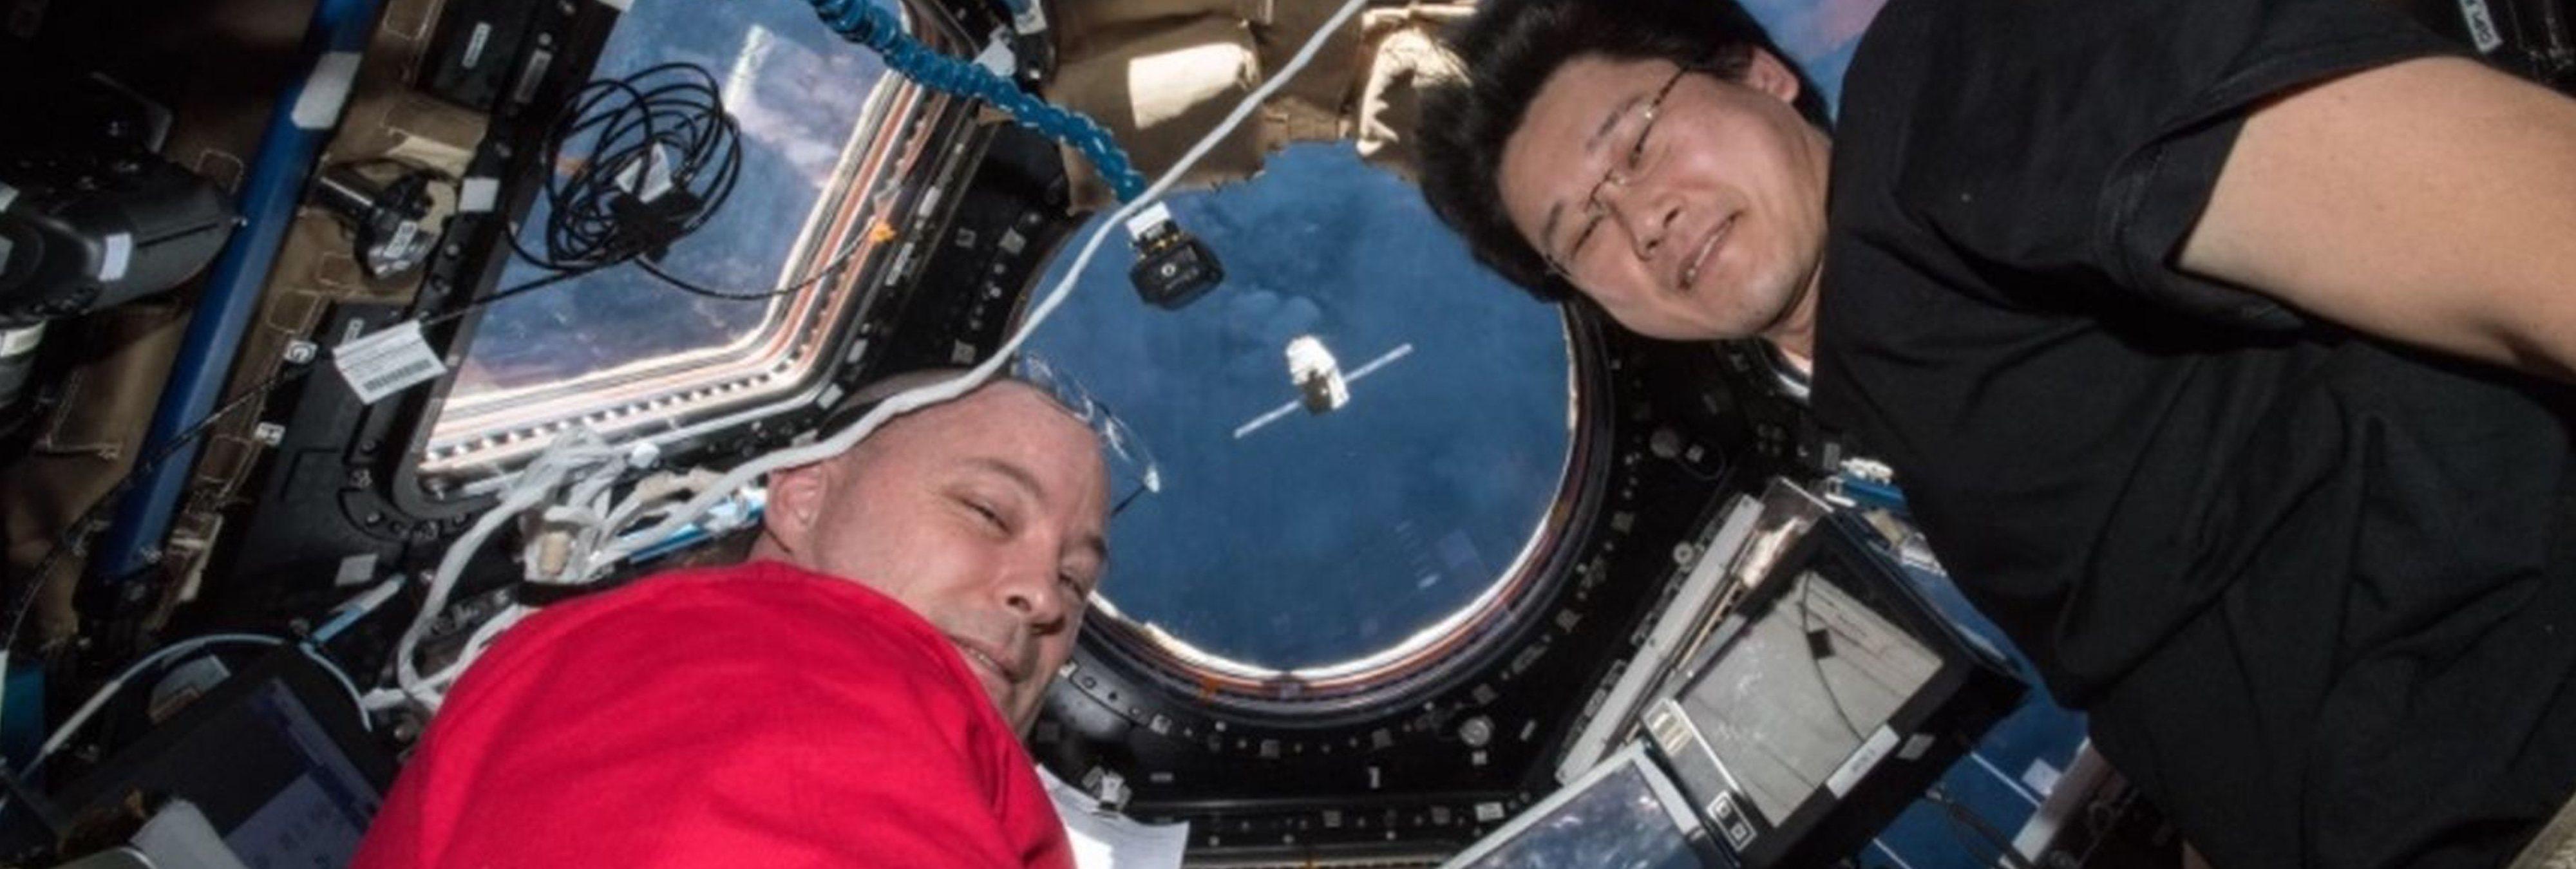 La NASA lleva semen al espacio para ver qué pasa